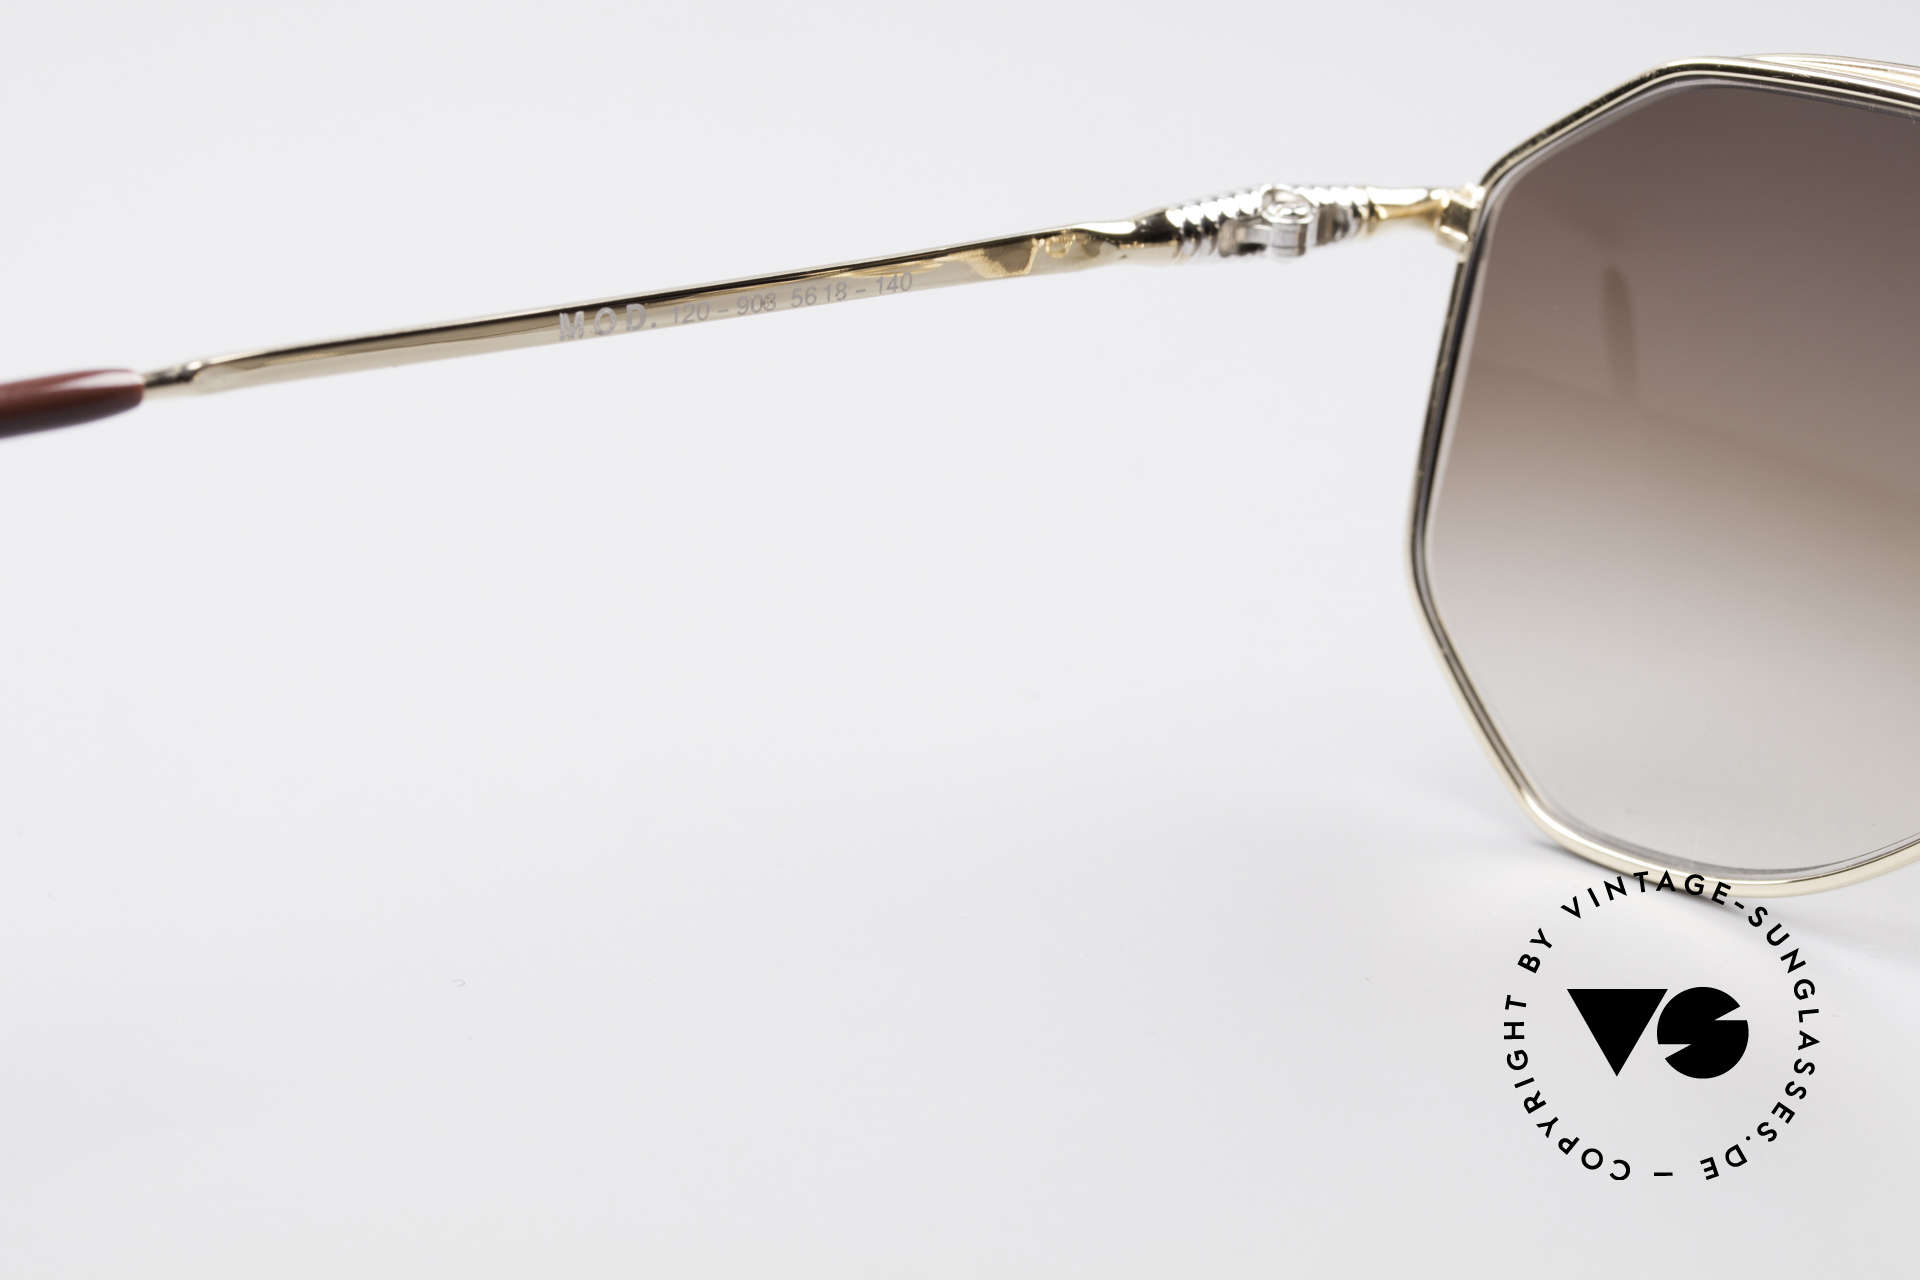 Zollitsch Cadre 120 Medium 80er Vintage Brille, goldene Fassung mit Sonnengläsern in braun-Verlauf, Passend für Herren